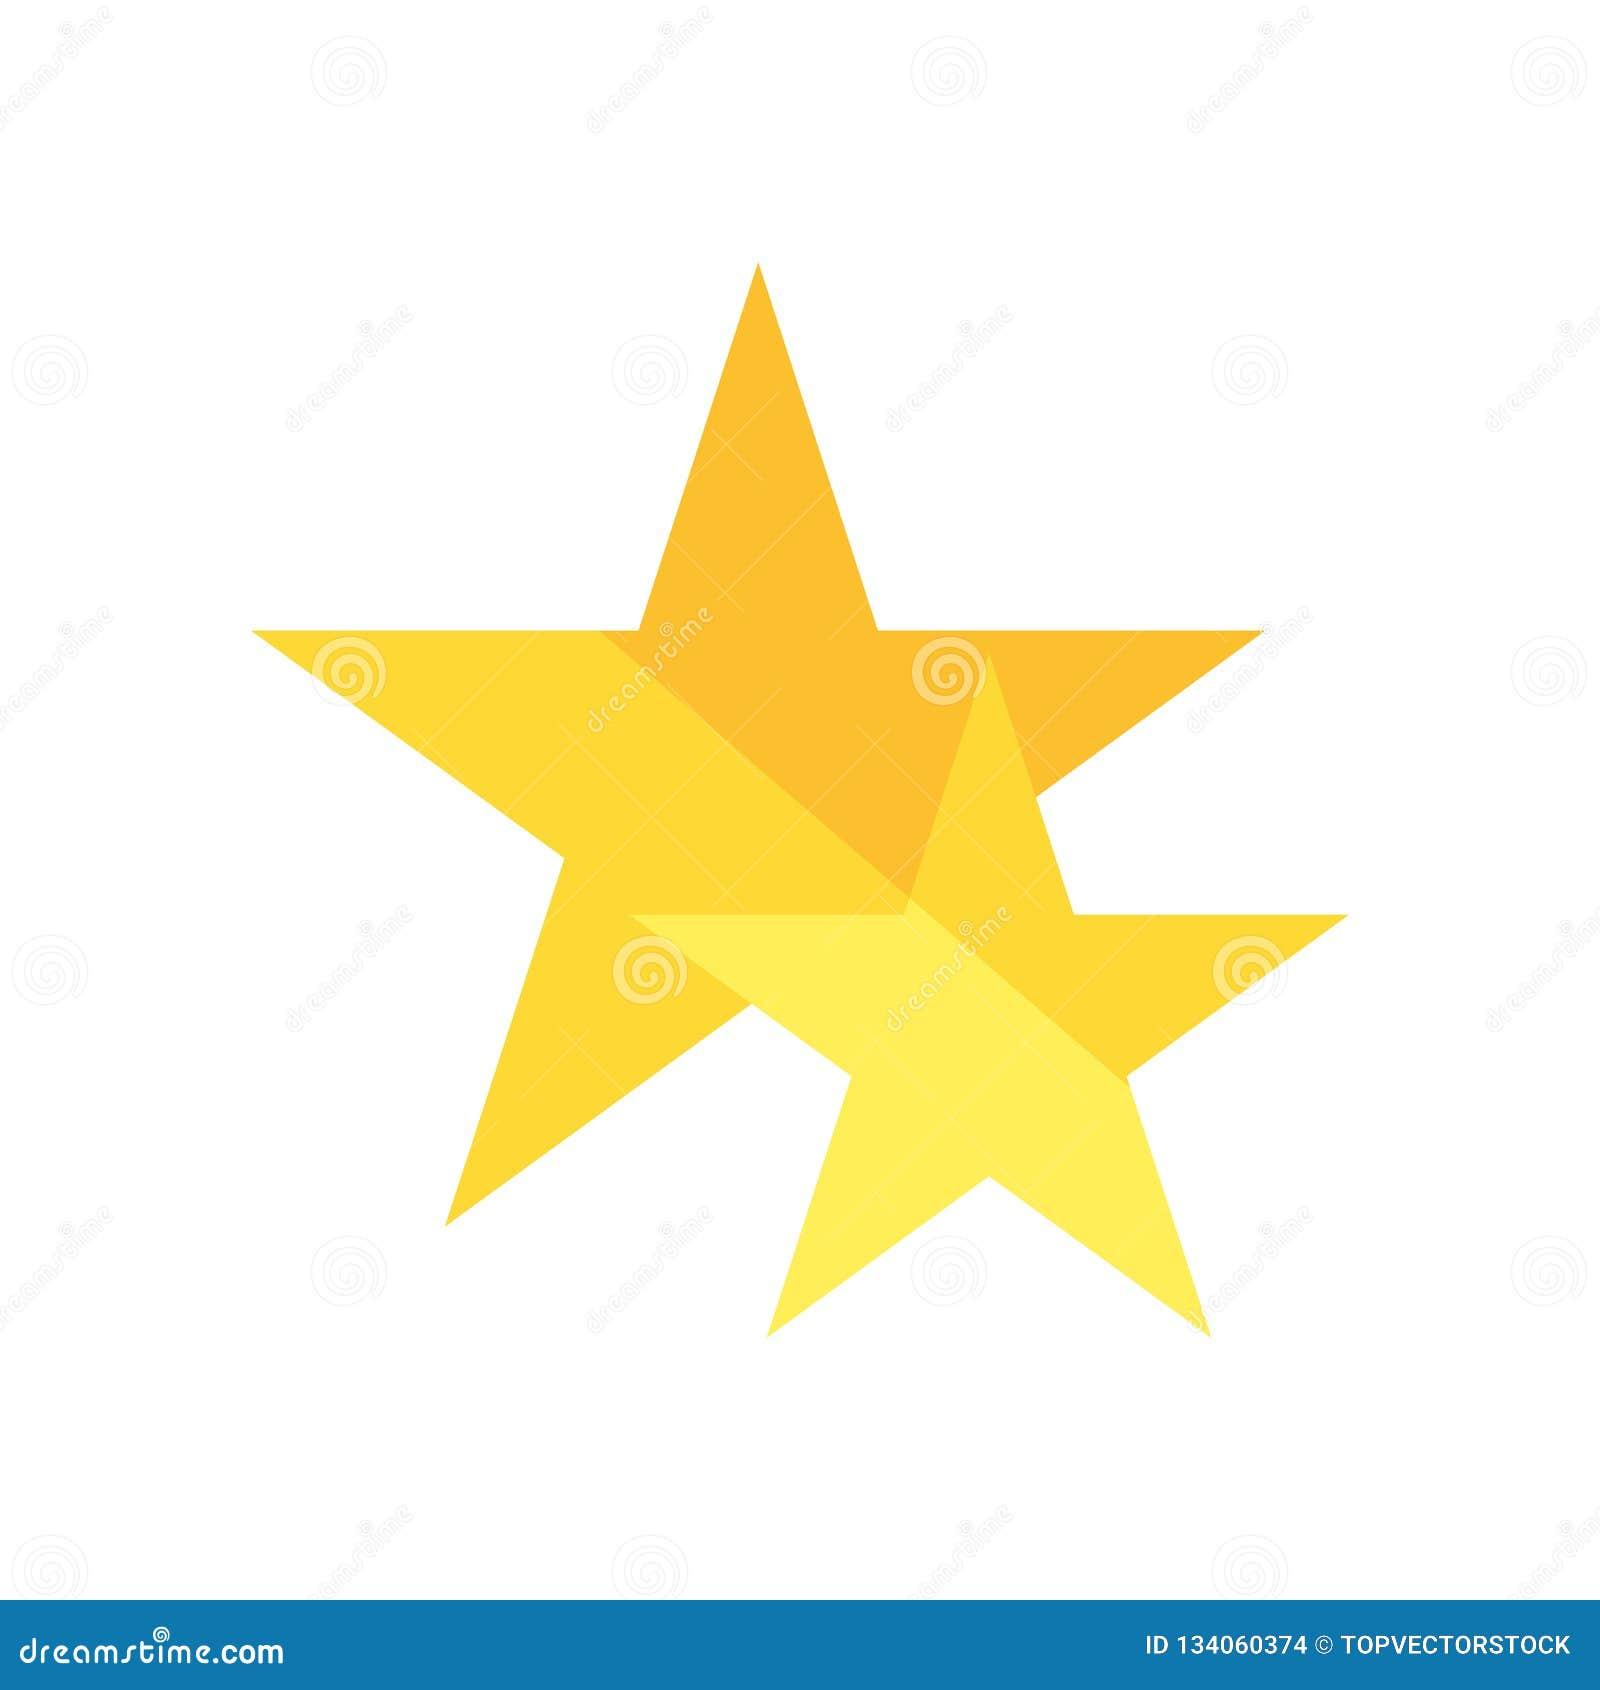 Διάνυσμα εικονιδίων αστεριών που απομονώνεται στο άσπρο υπόβαθρο, σημάδι αστεριών, σύμβολα ερώτησης